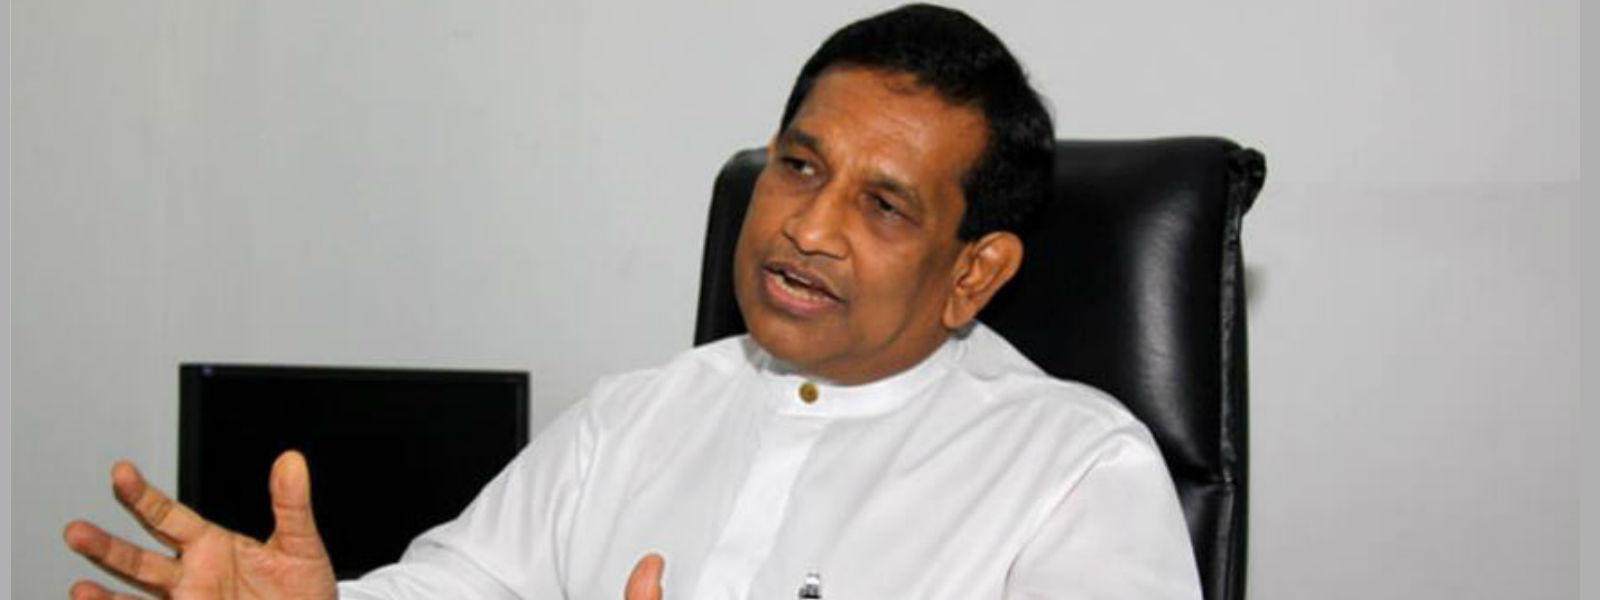 ராஜித சேனாரத்னவின் வீடுகளில் CID தேடுதல்